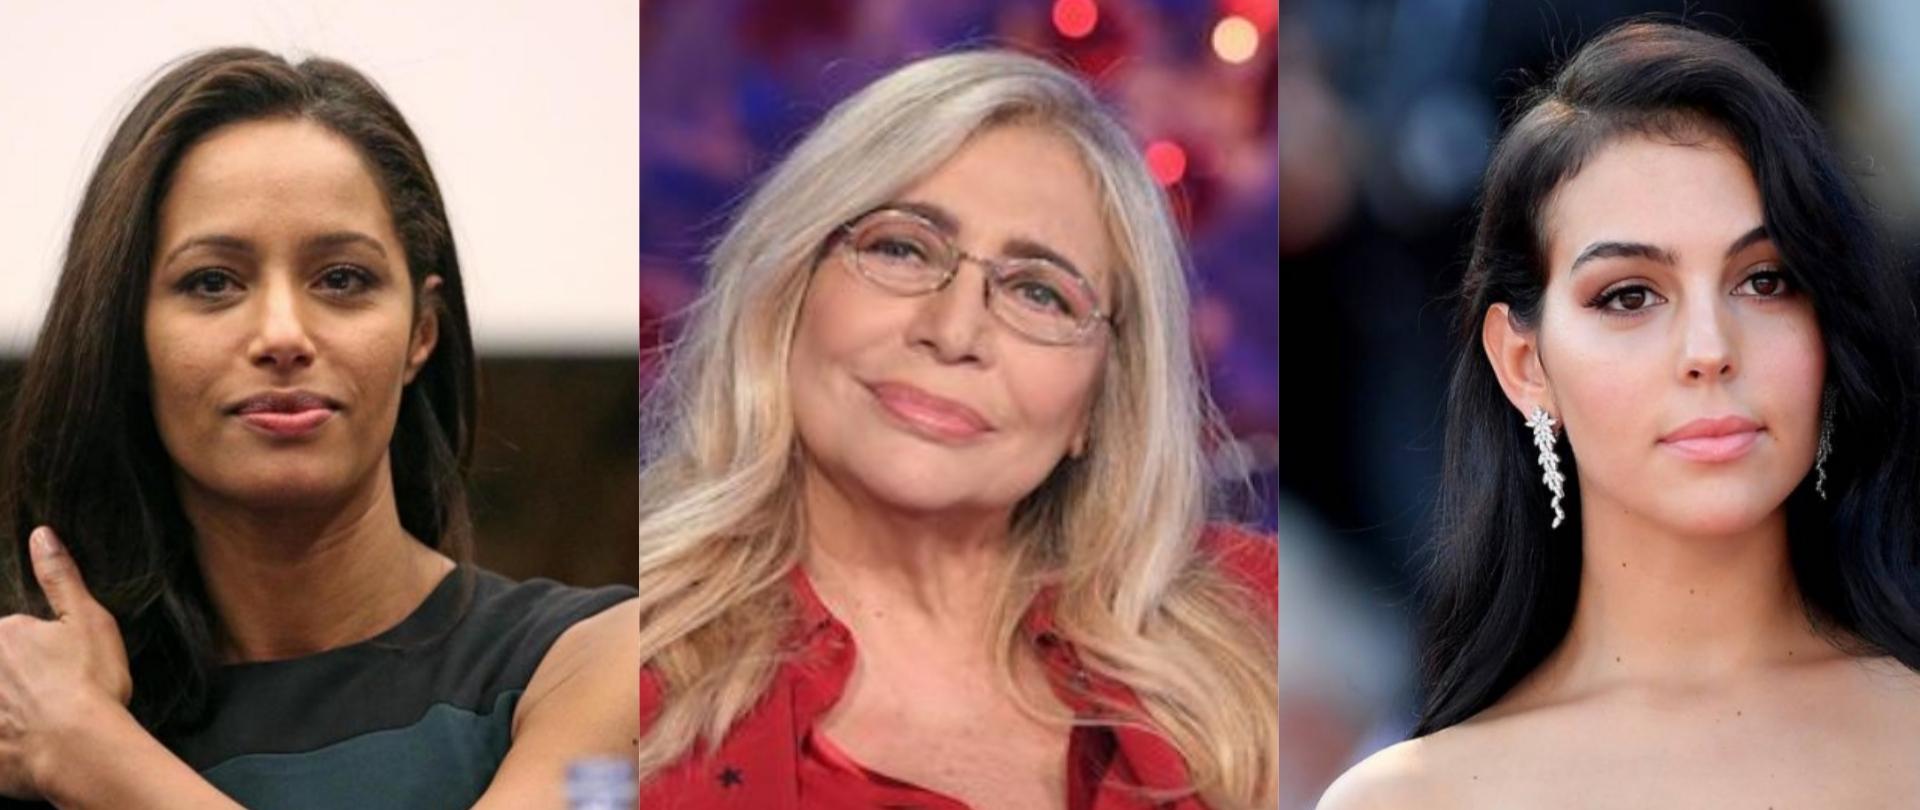 Sanremo 2020: le presentatrici che affiancheranno Amadeus 1